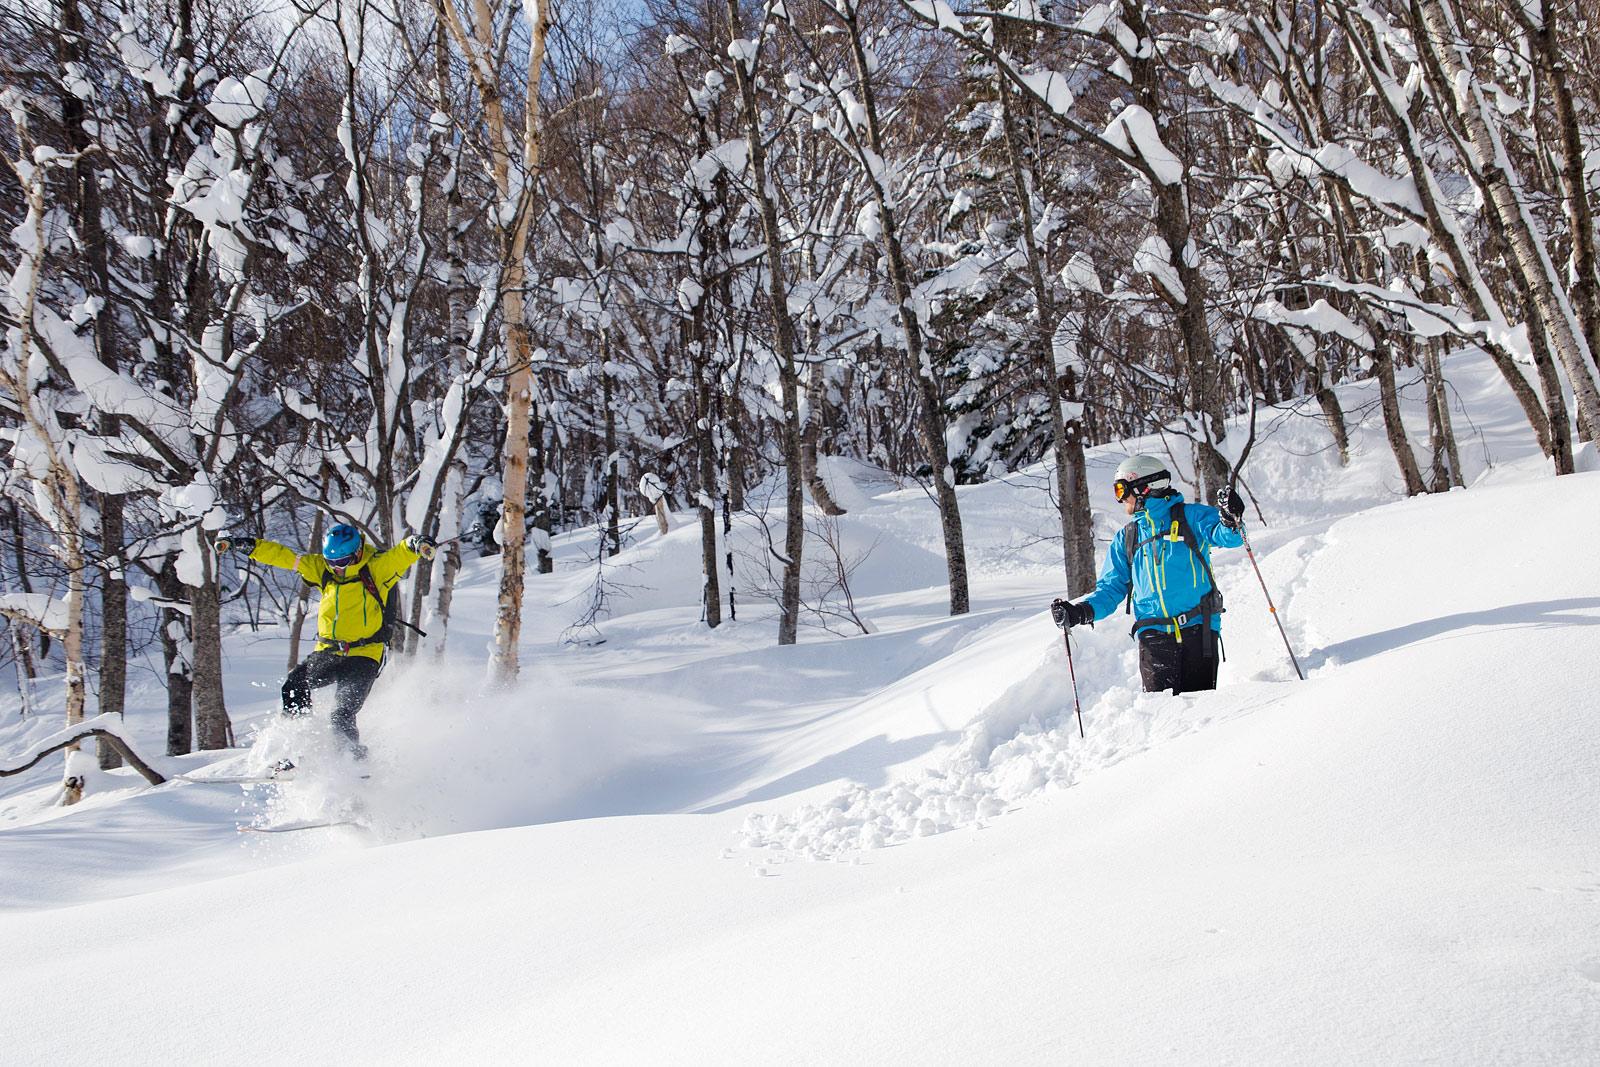 Parhaat vaellusreitit Suomessa - tunnetko nämä klassikot  - Lumipallo 3e0261a3a2